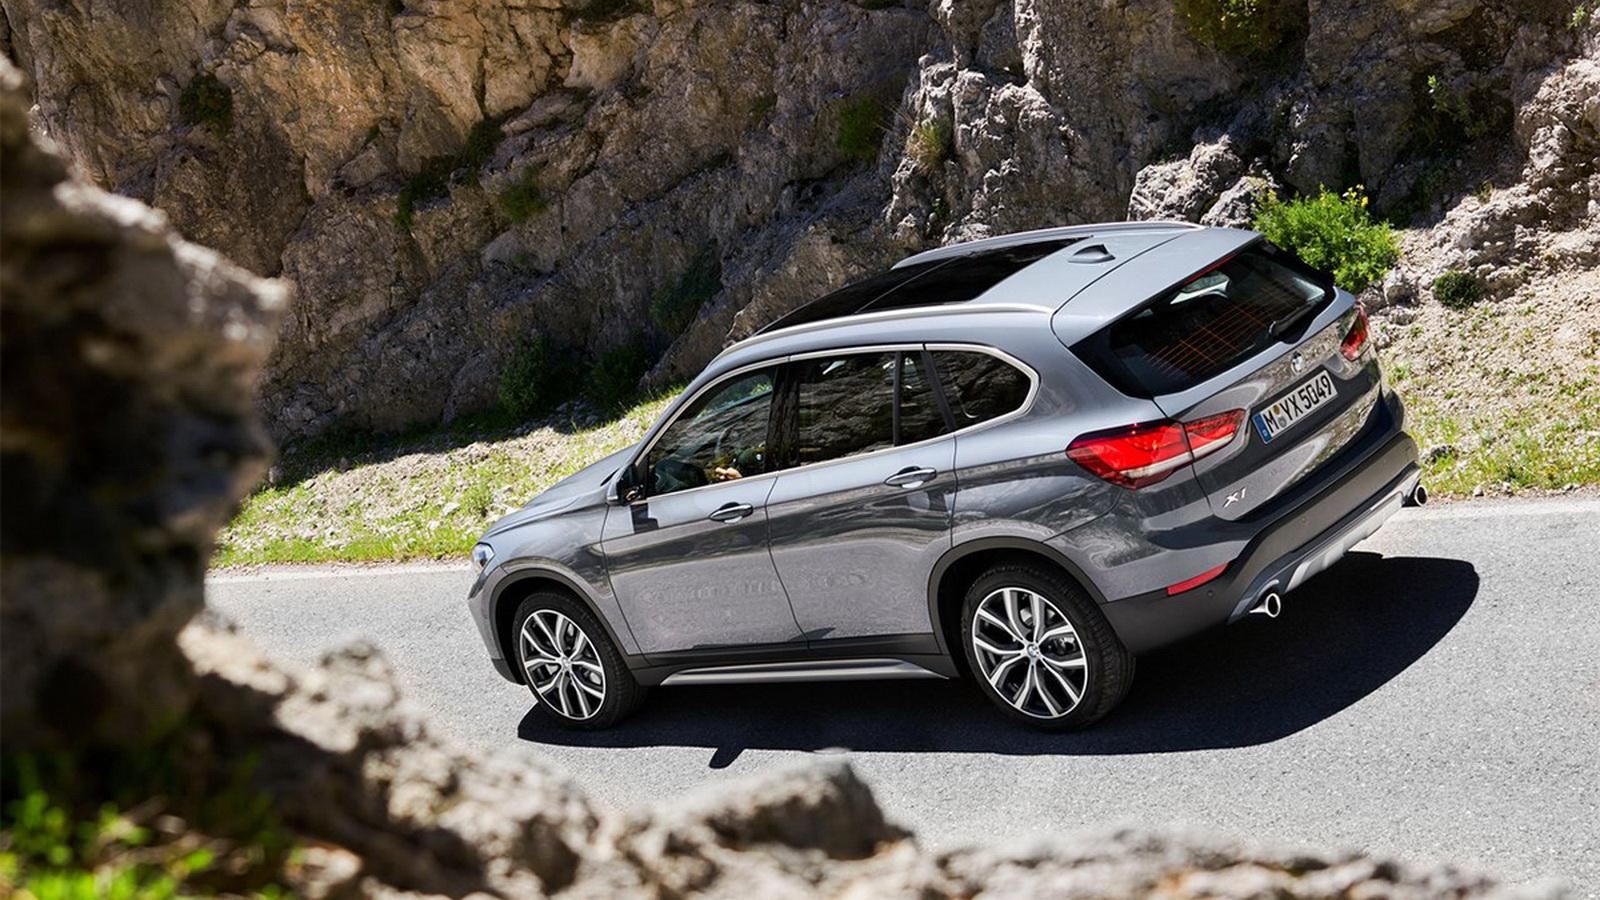 圖/2020 BMW X1 sDrive18i搭載BMW引以為傲的TwinPower Turbo引擎,能透過高效動力表現,帶來更優異的性能與效能。